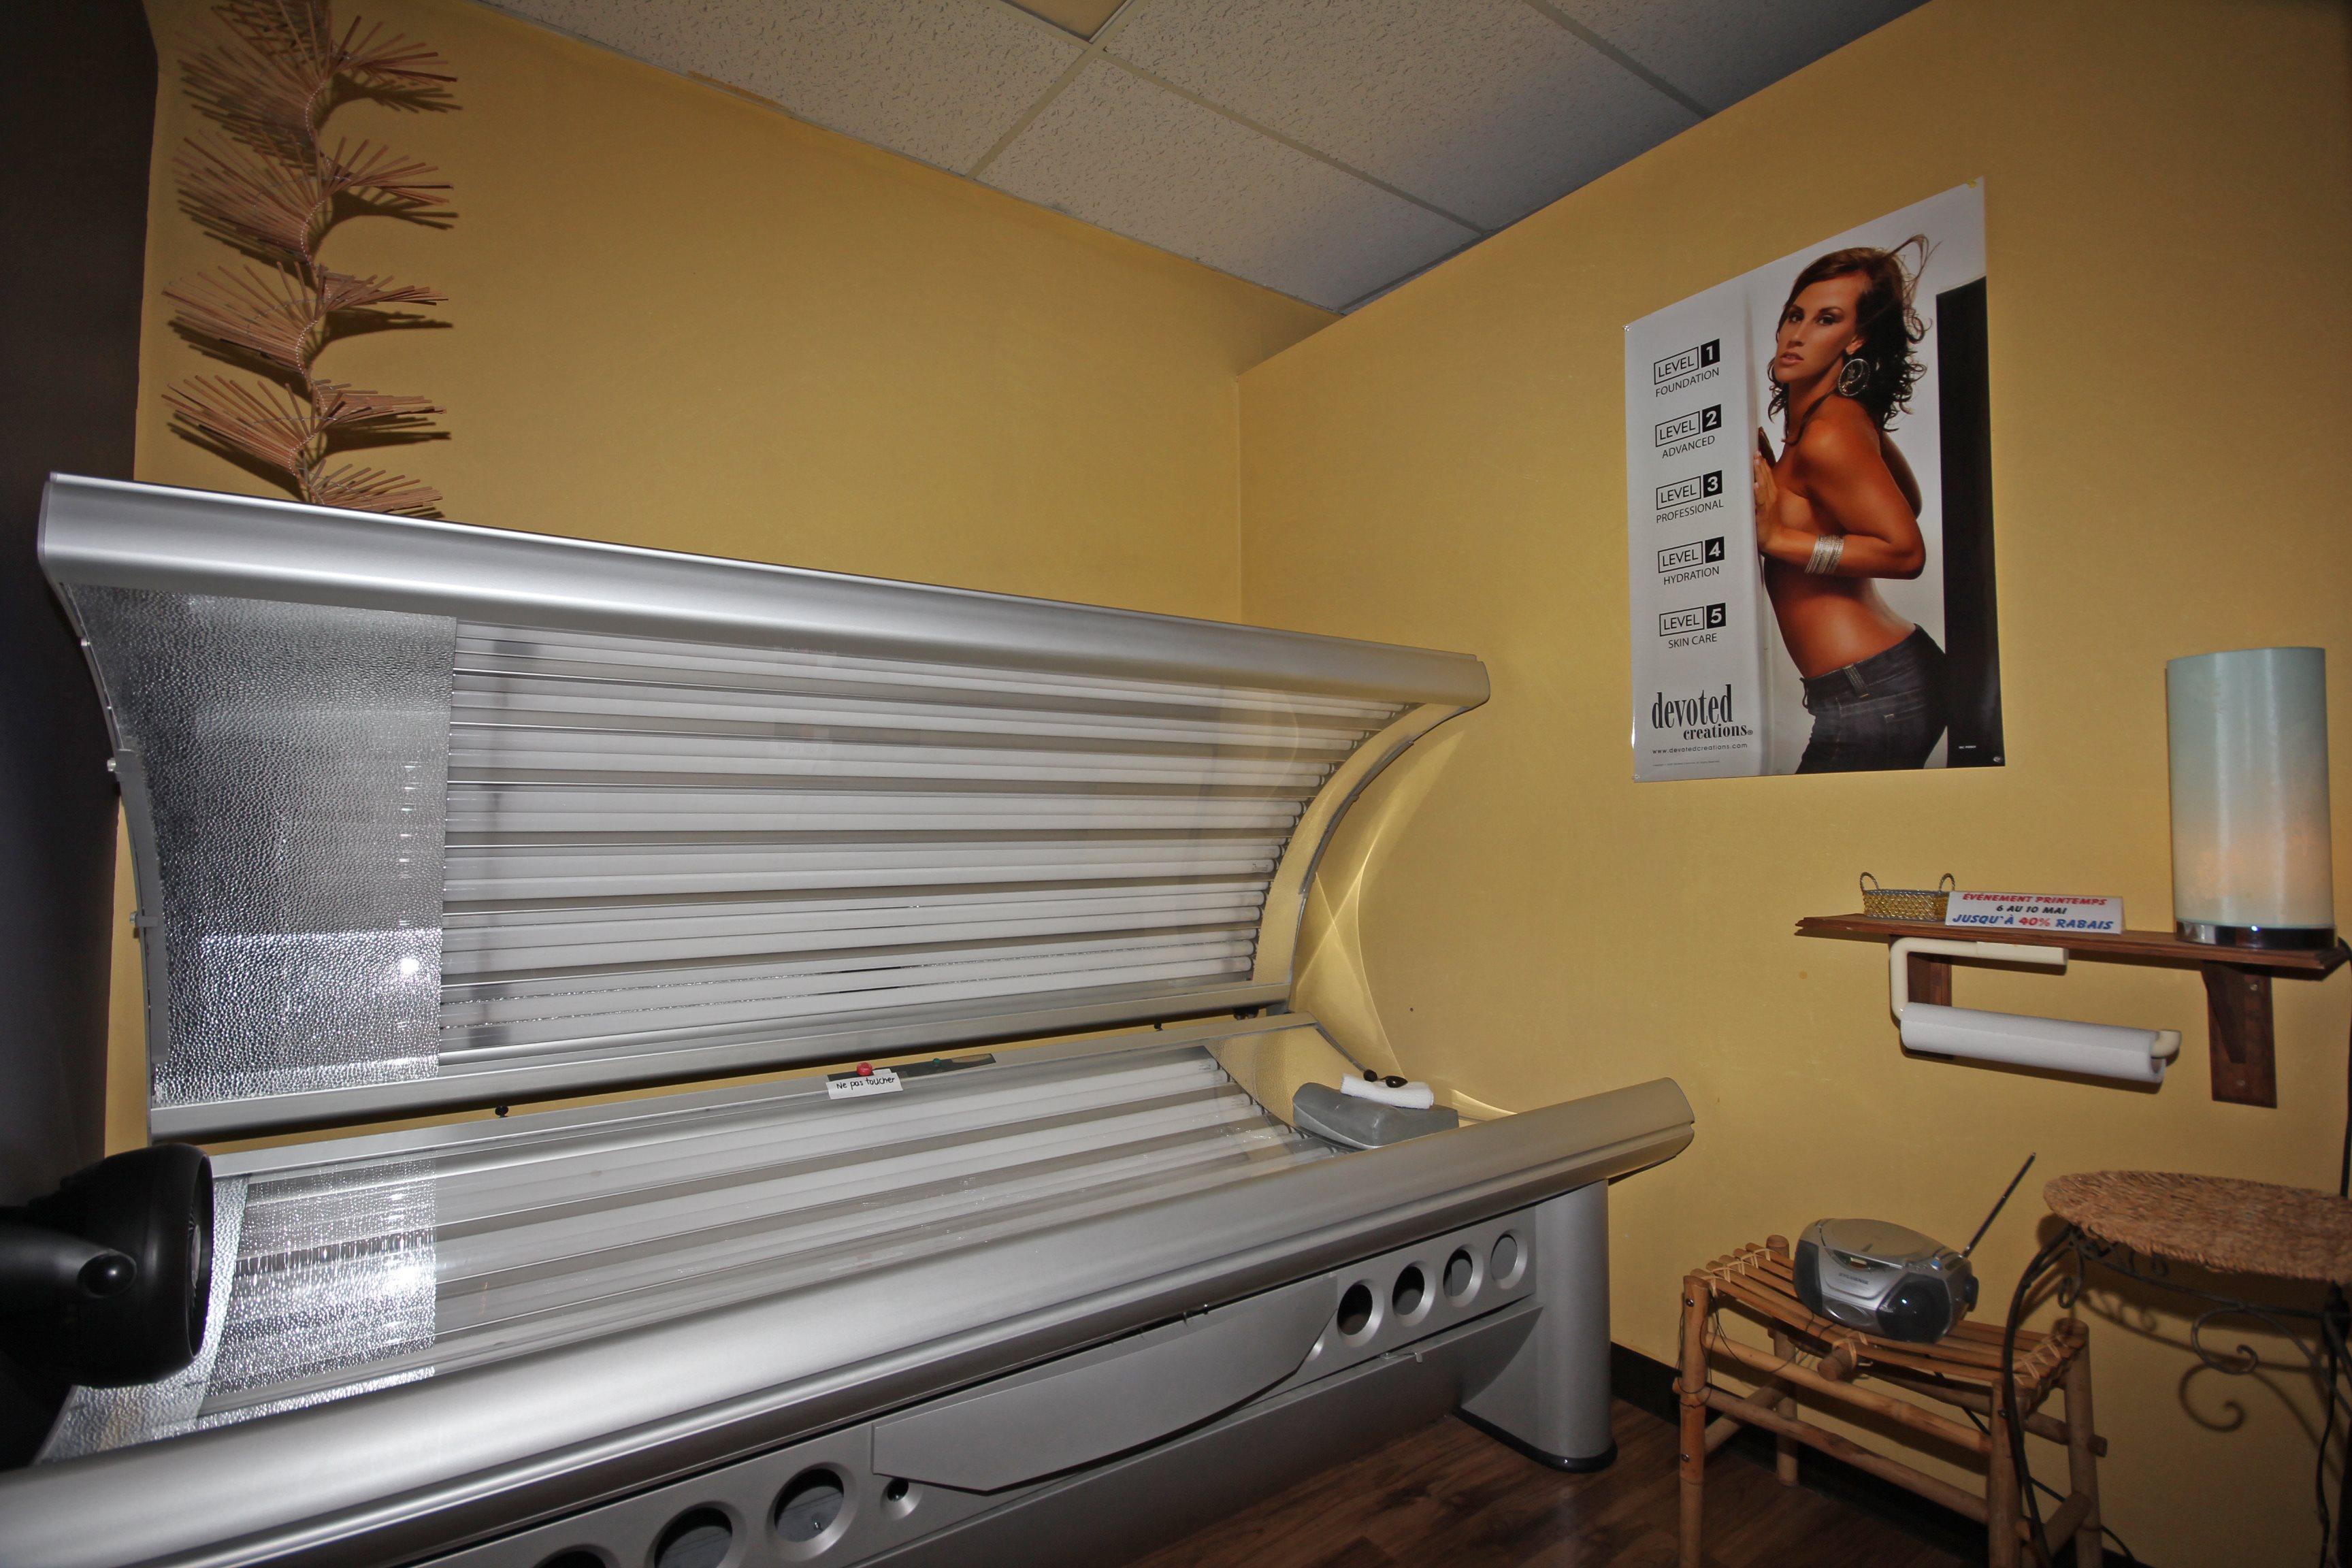 Salon de bronzage et esth tique vendre blainville for Salon de bronzage